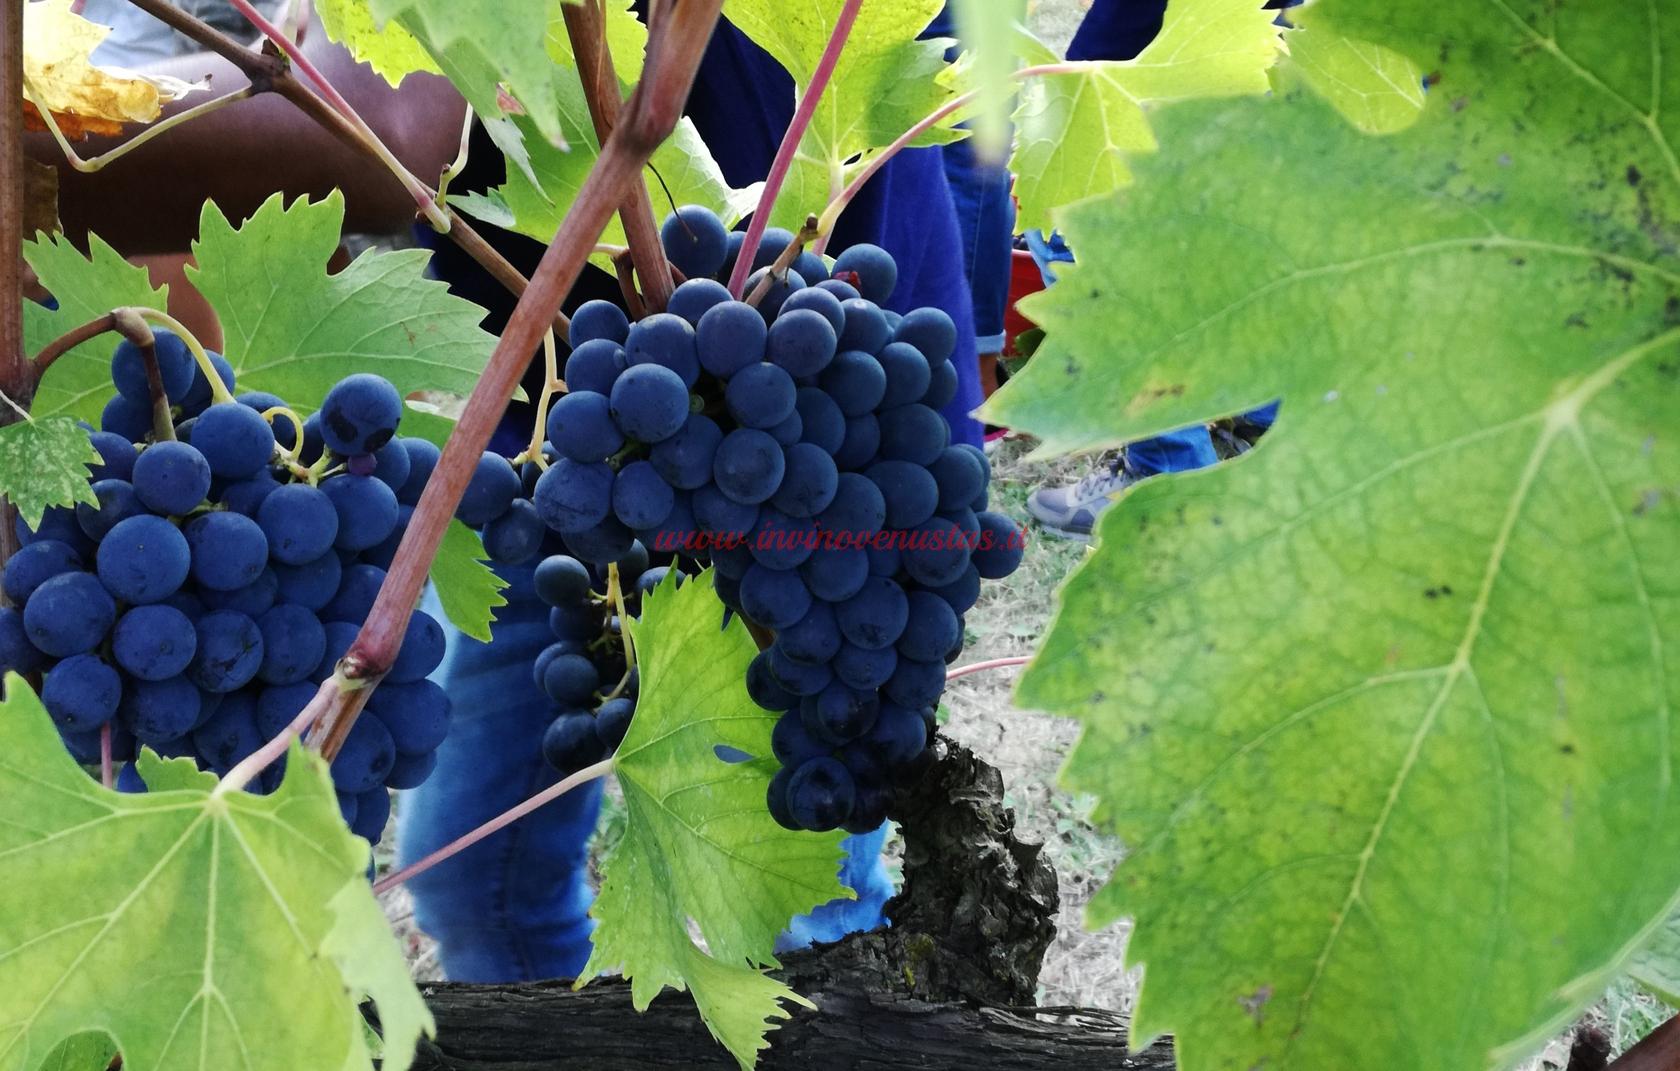 Grappoli uva in fase di vendemmia